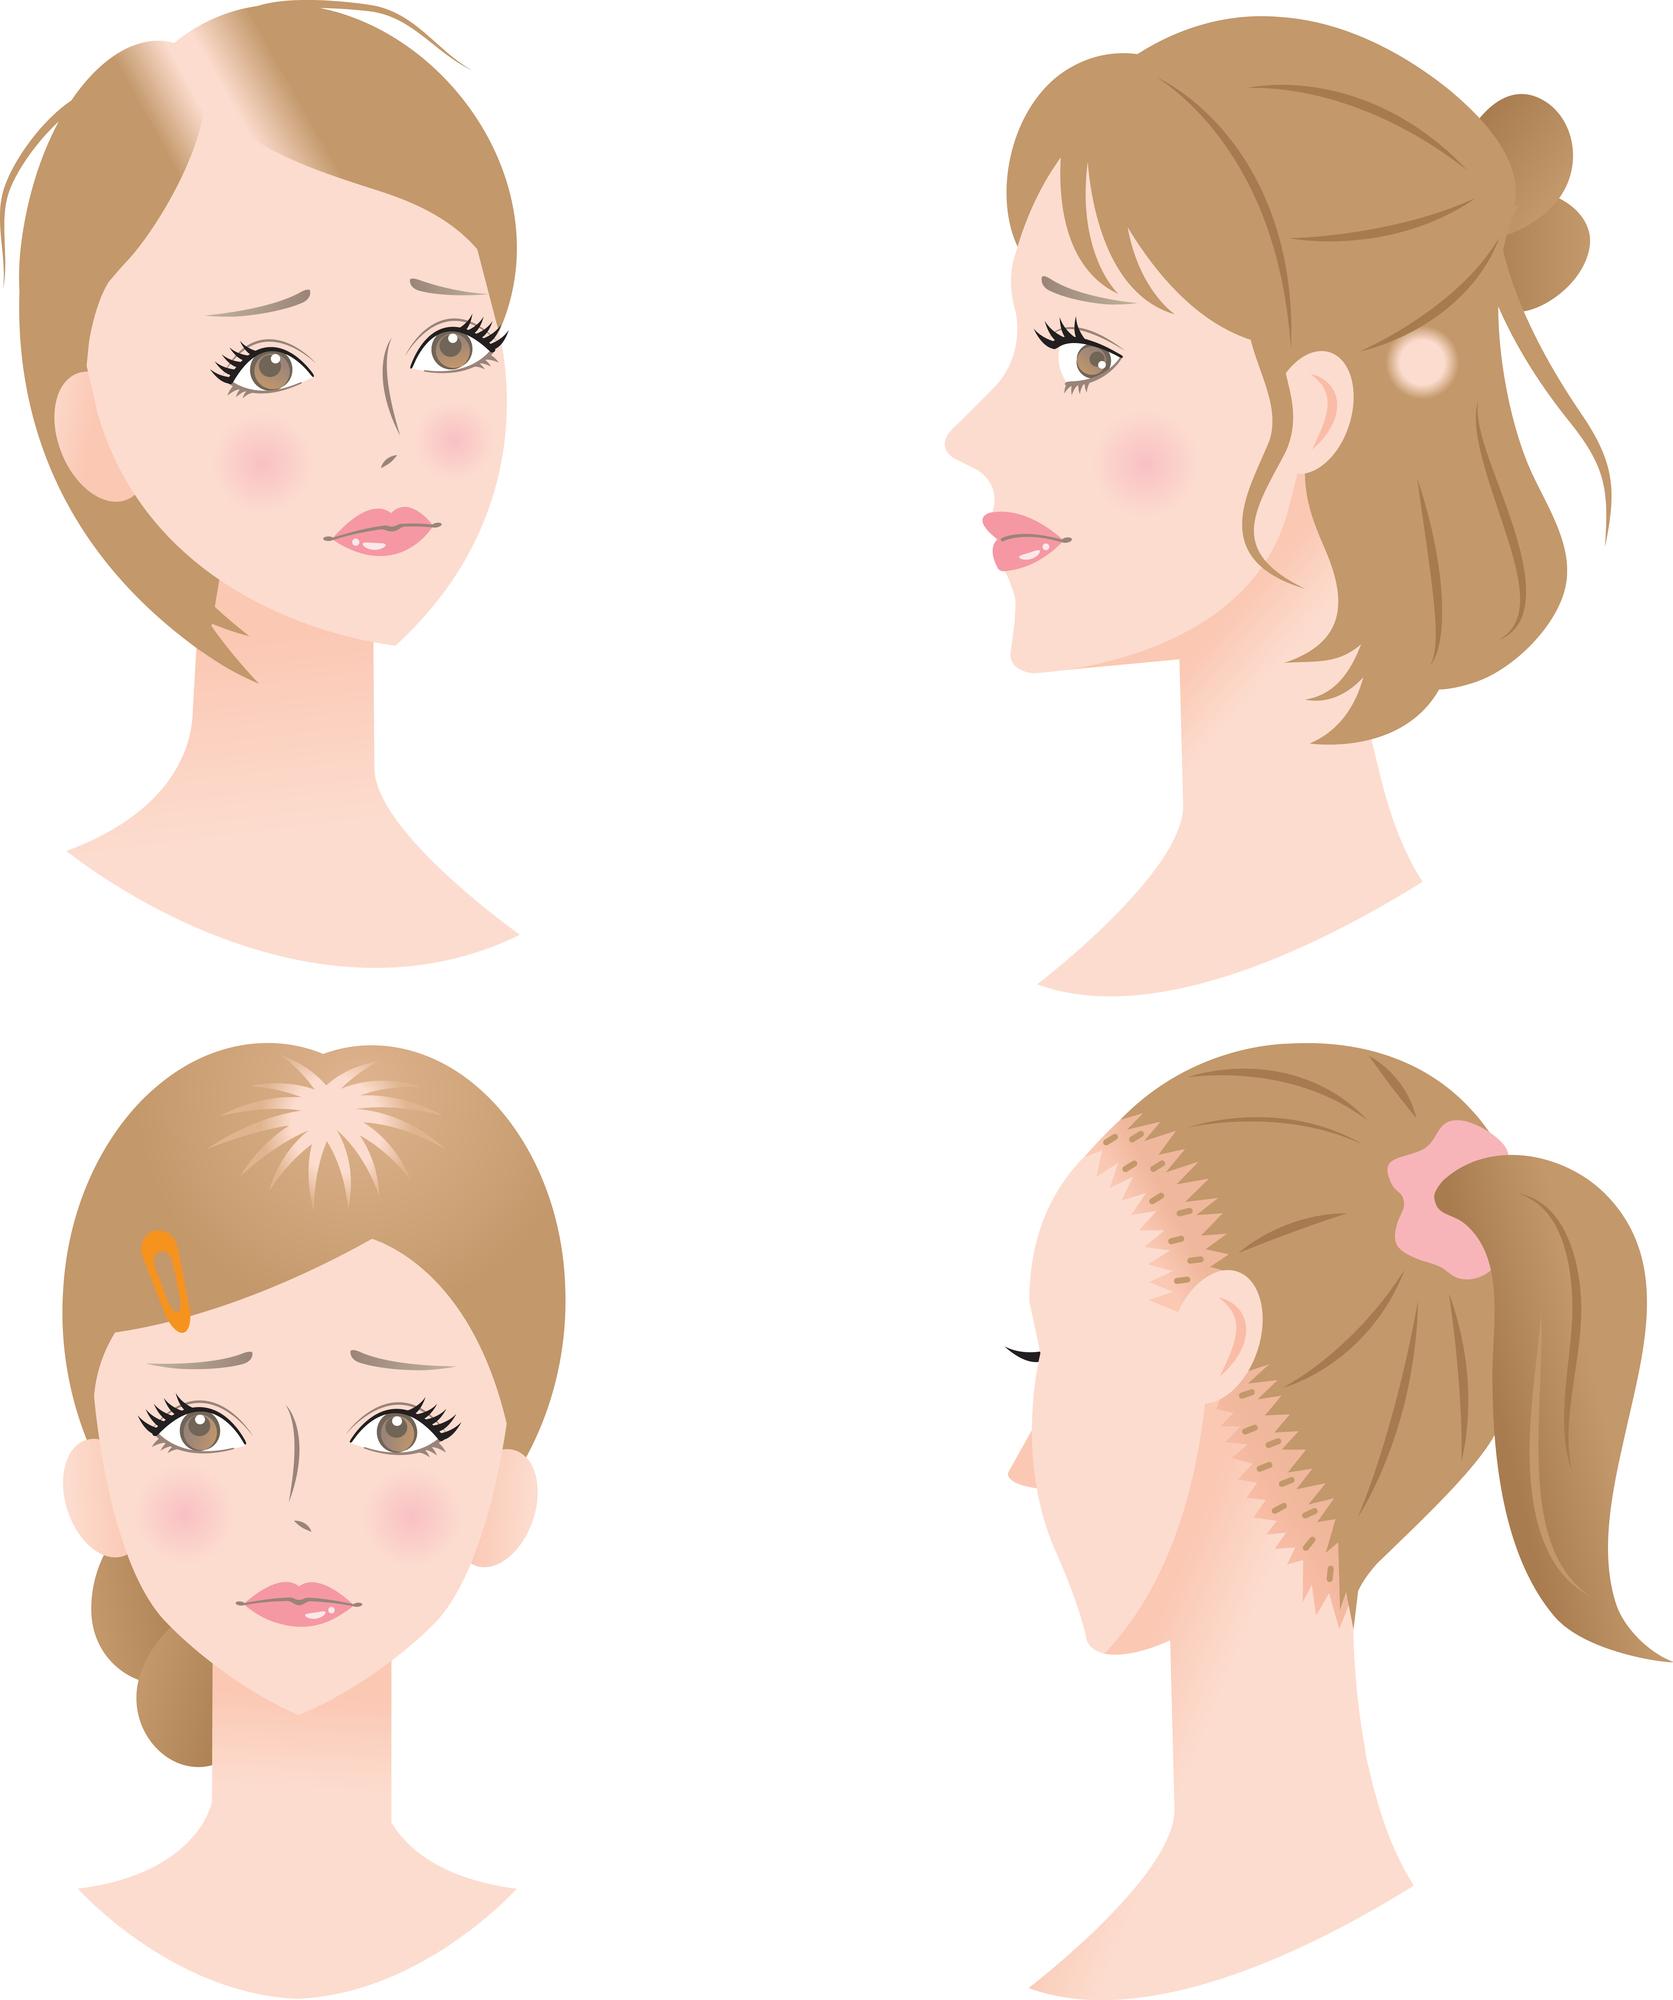 女性の抜け毛はエストロゲンの減少が関係してる!?【女性ホルモンと薄毛のメカニズム】